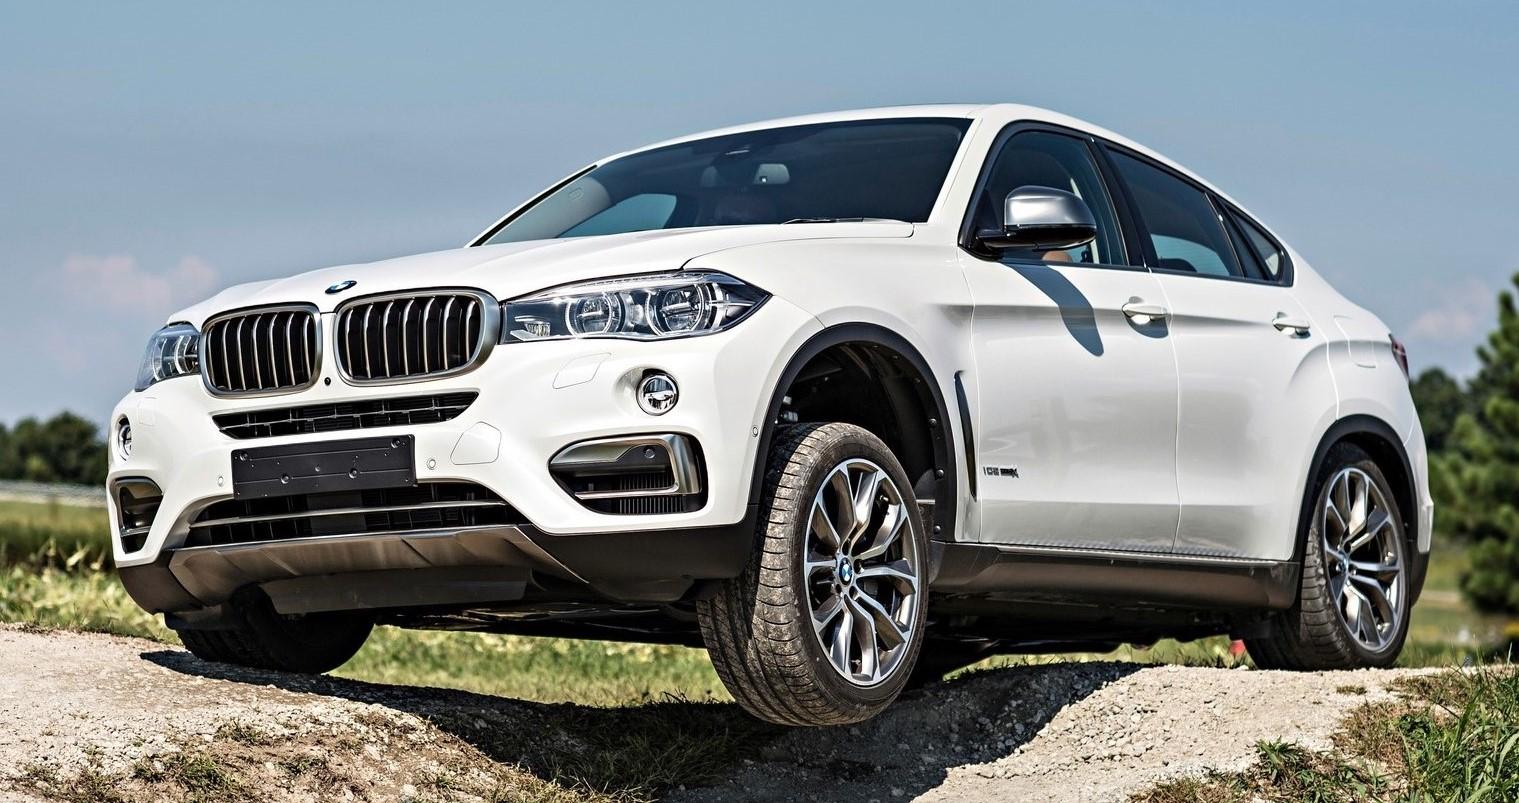 أنباء عن نيَّة BMW تطوير منافس لمرسيدس G كلاس على شاسيه تويوتا لاندكروزر